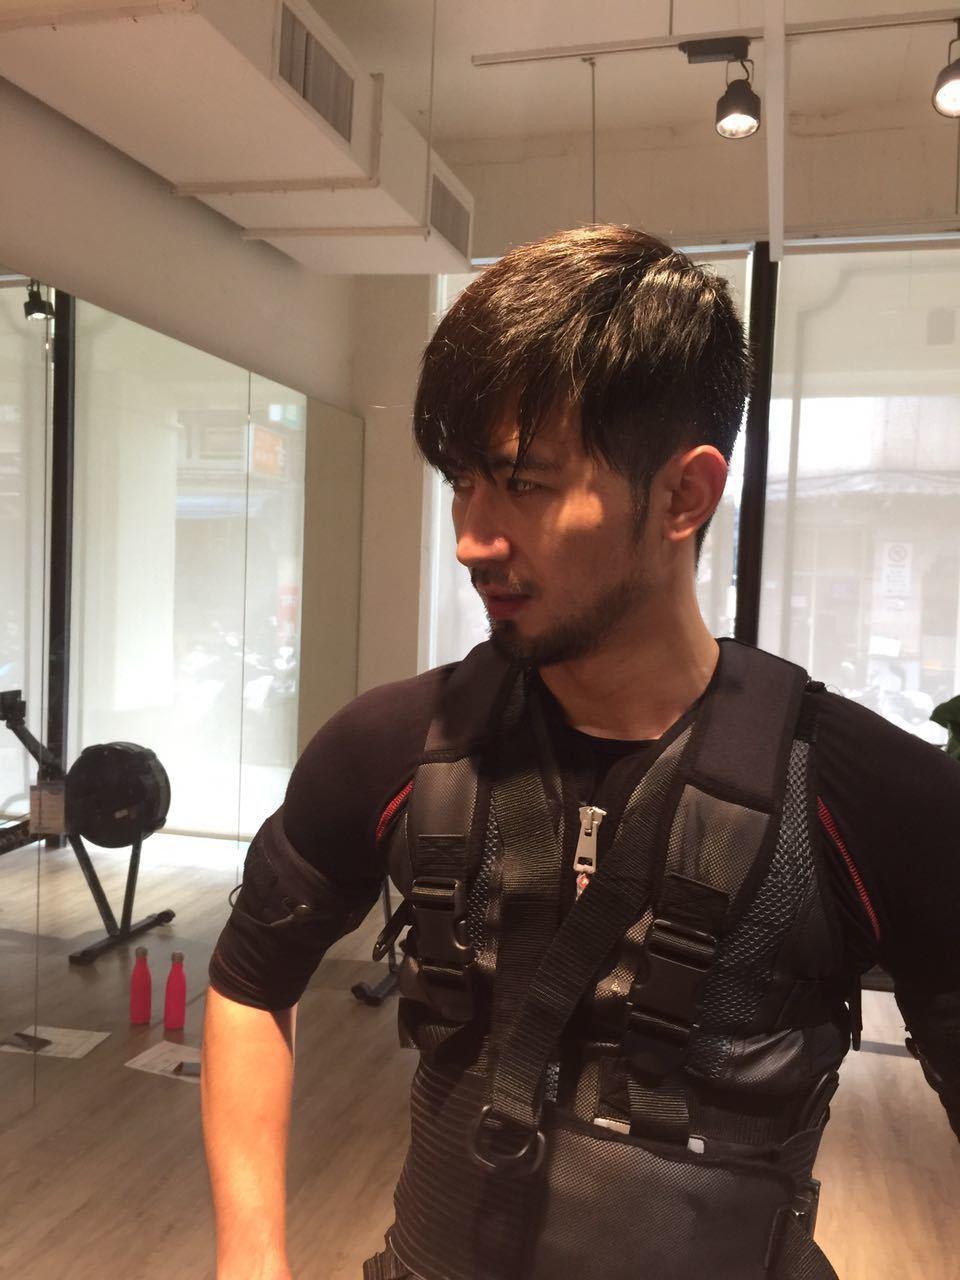 簡宏霖最近積極健身。圖/周子娛樂提供